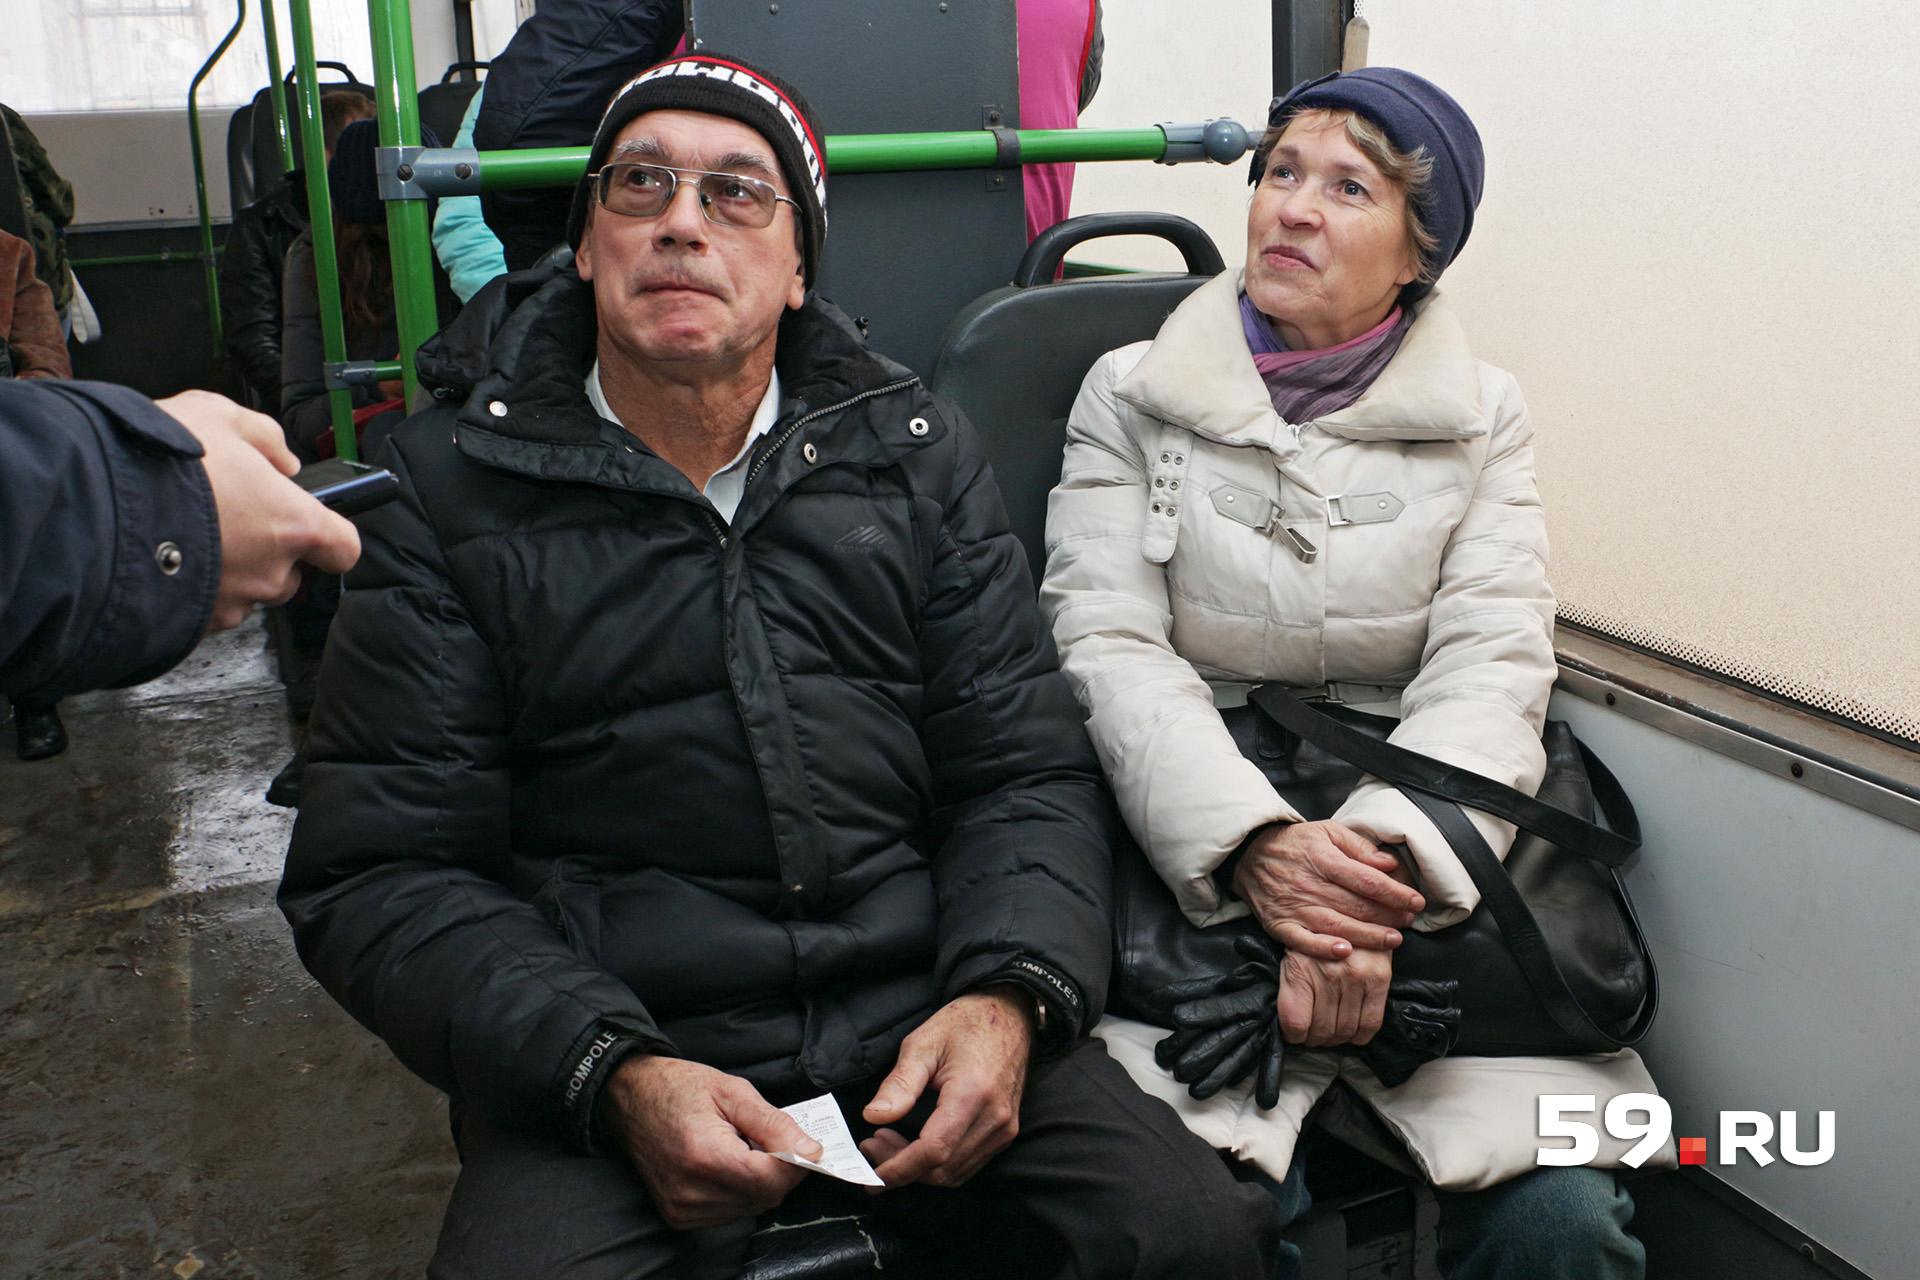 Пассажиры уже предлагают увеличить льготный период до часа